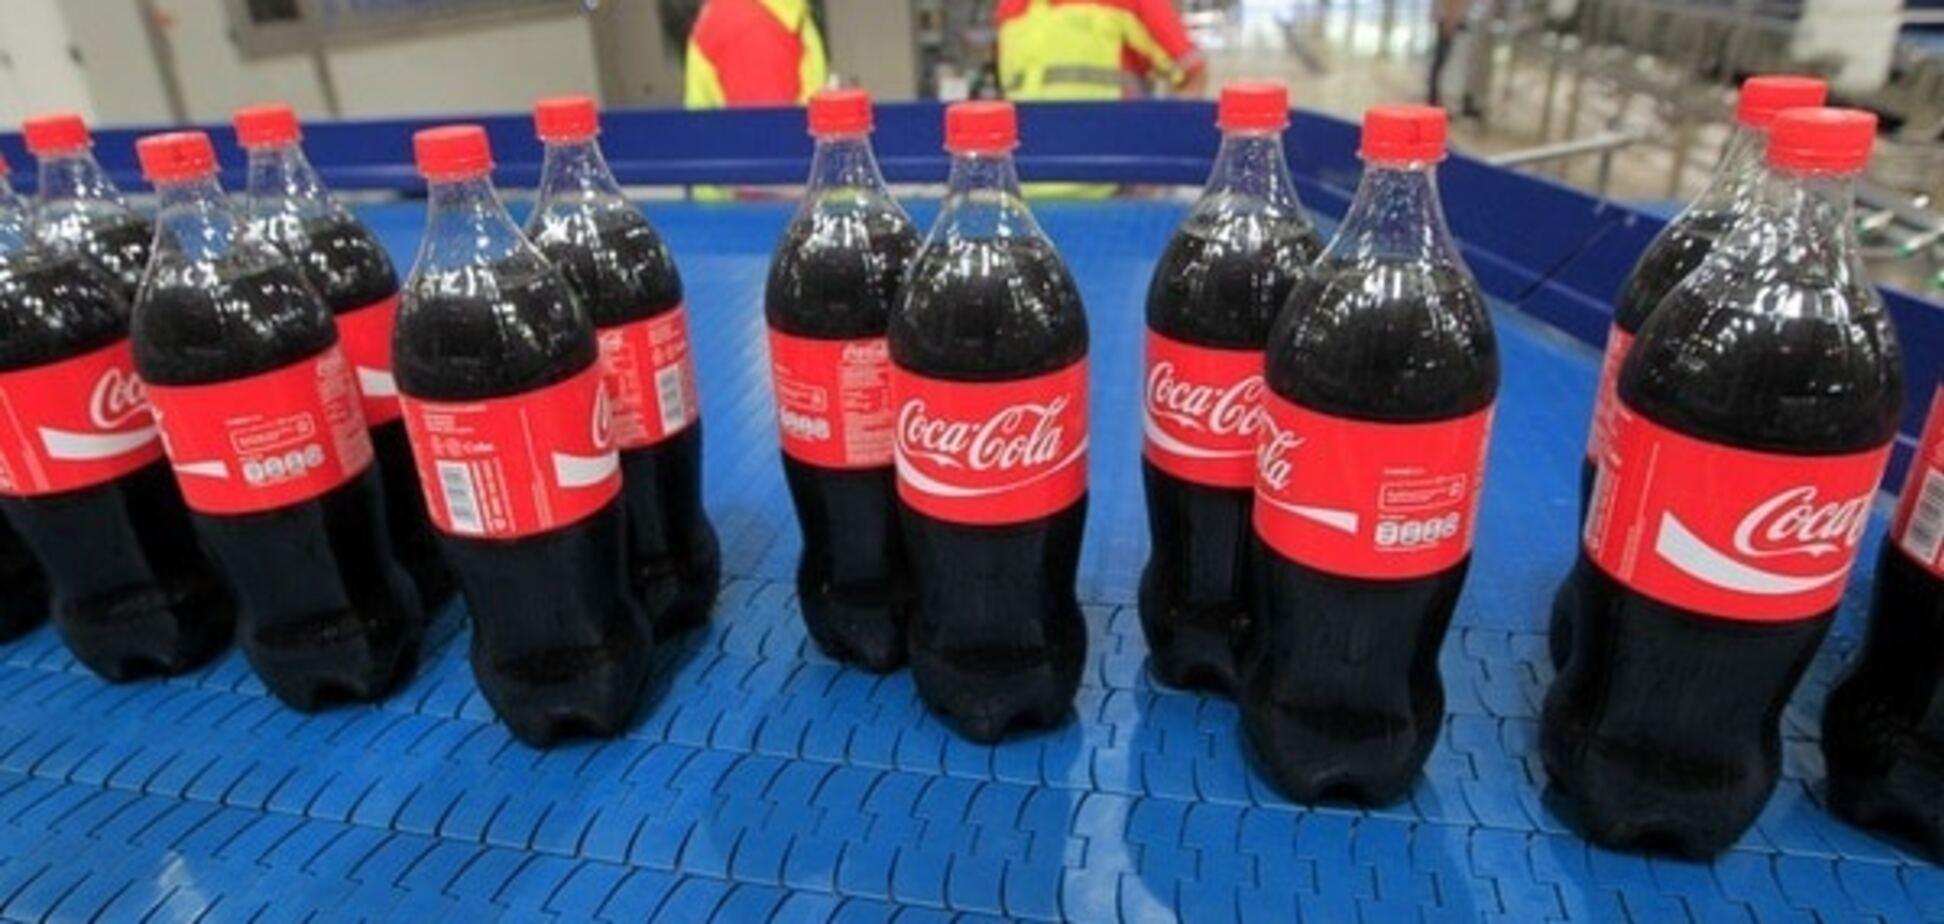 Посольство України в США прокоментувало кримський скандал з Coca-Cola